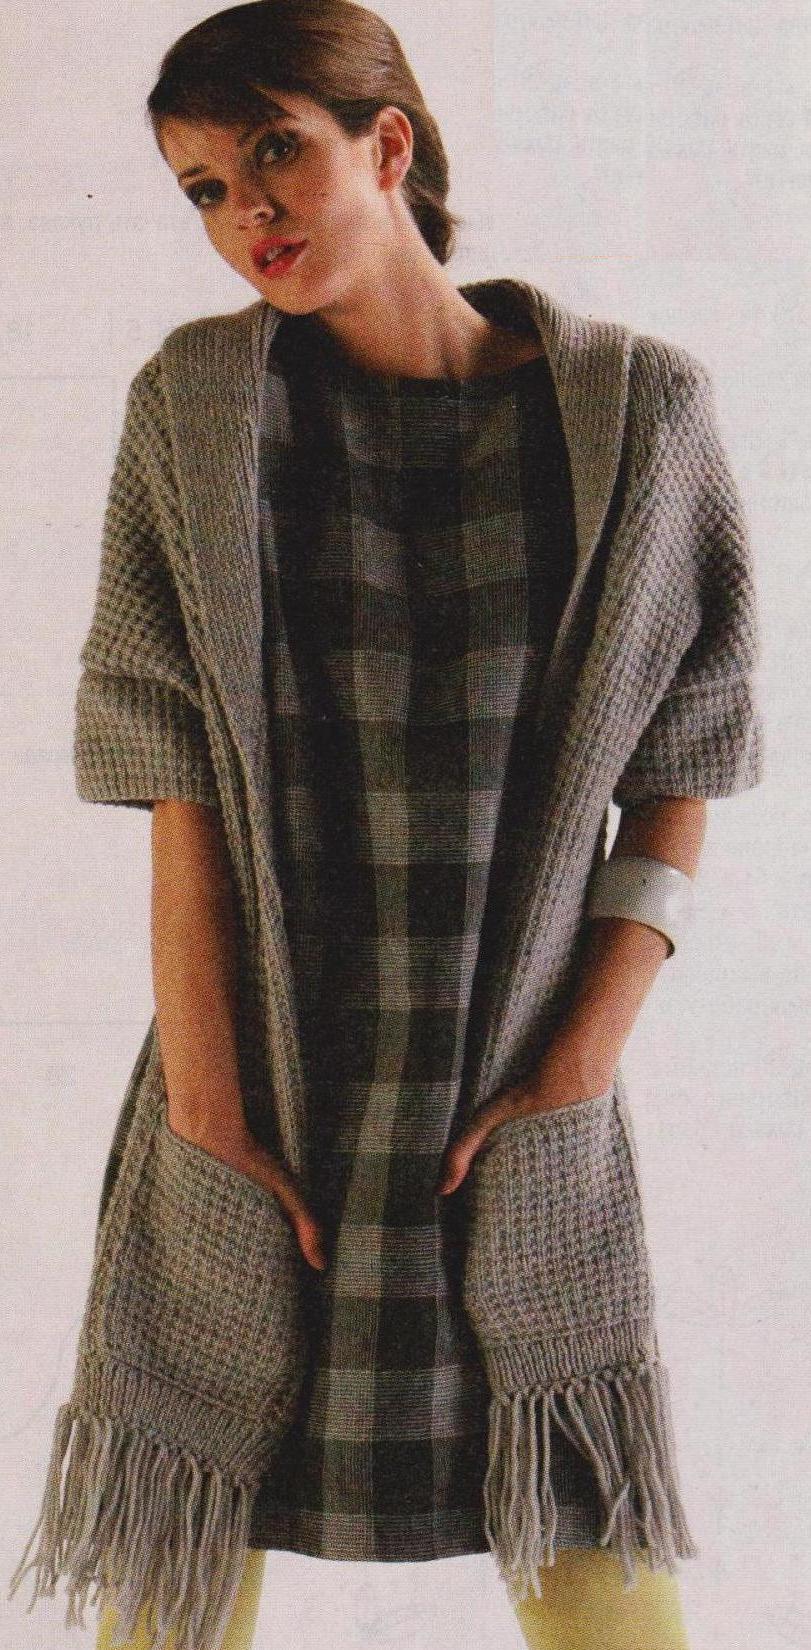 Удлиненный жакет с карманами и бахромой вязаный  спицами